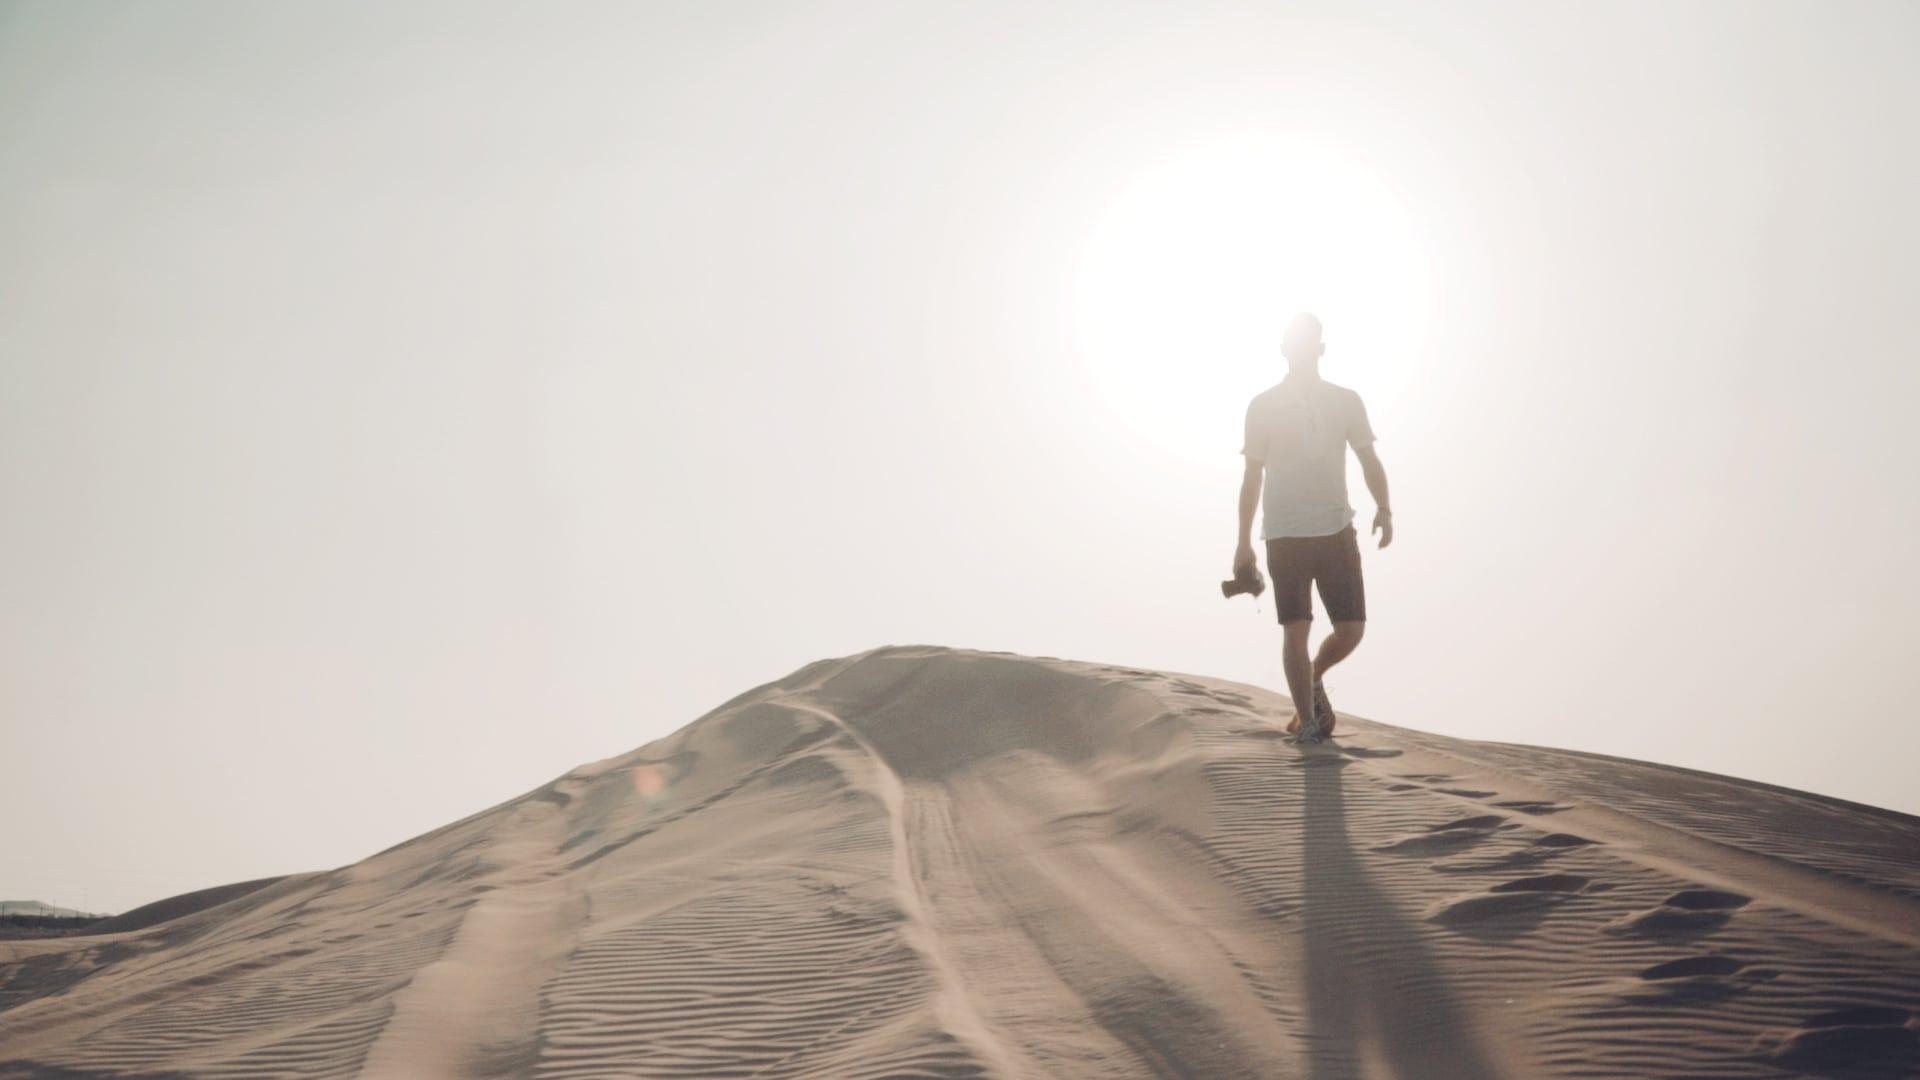 Videographie im Gange in Abhudabi auf einer Düne